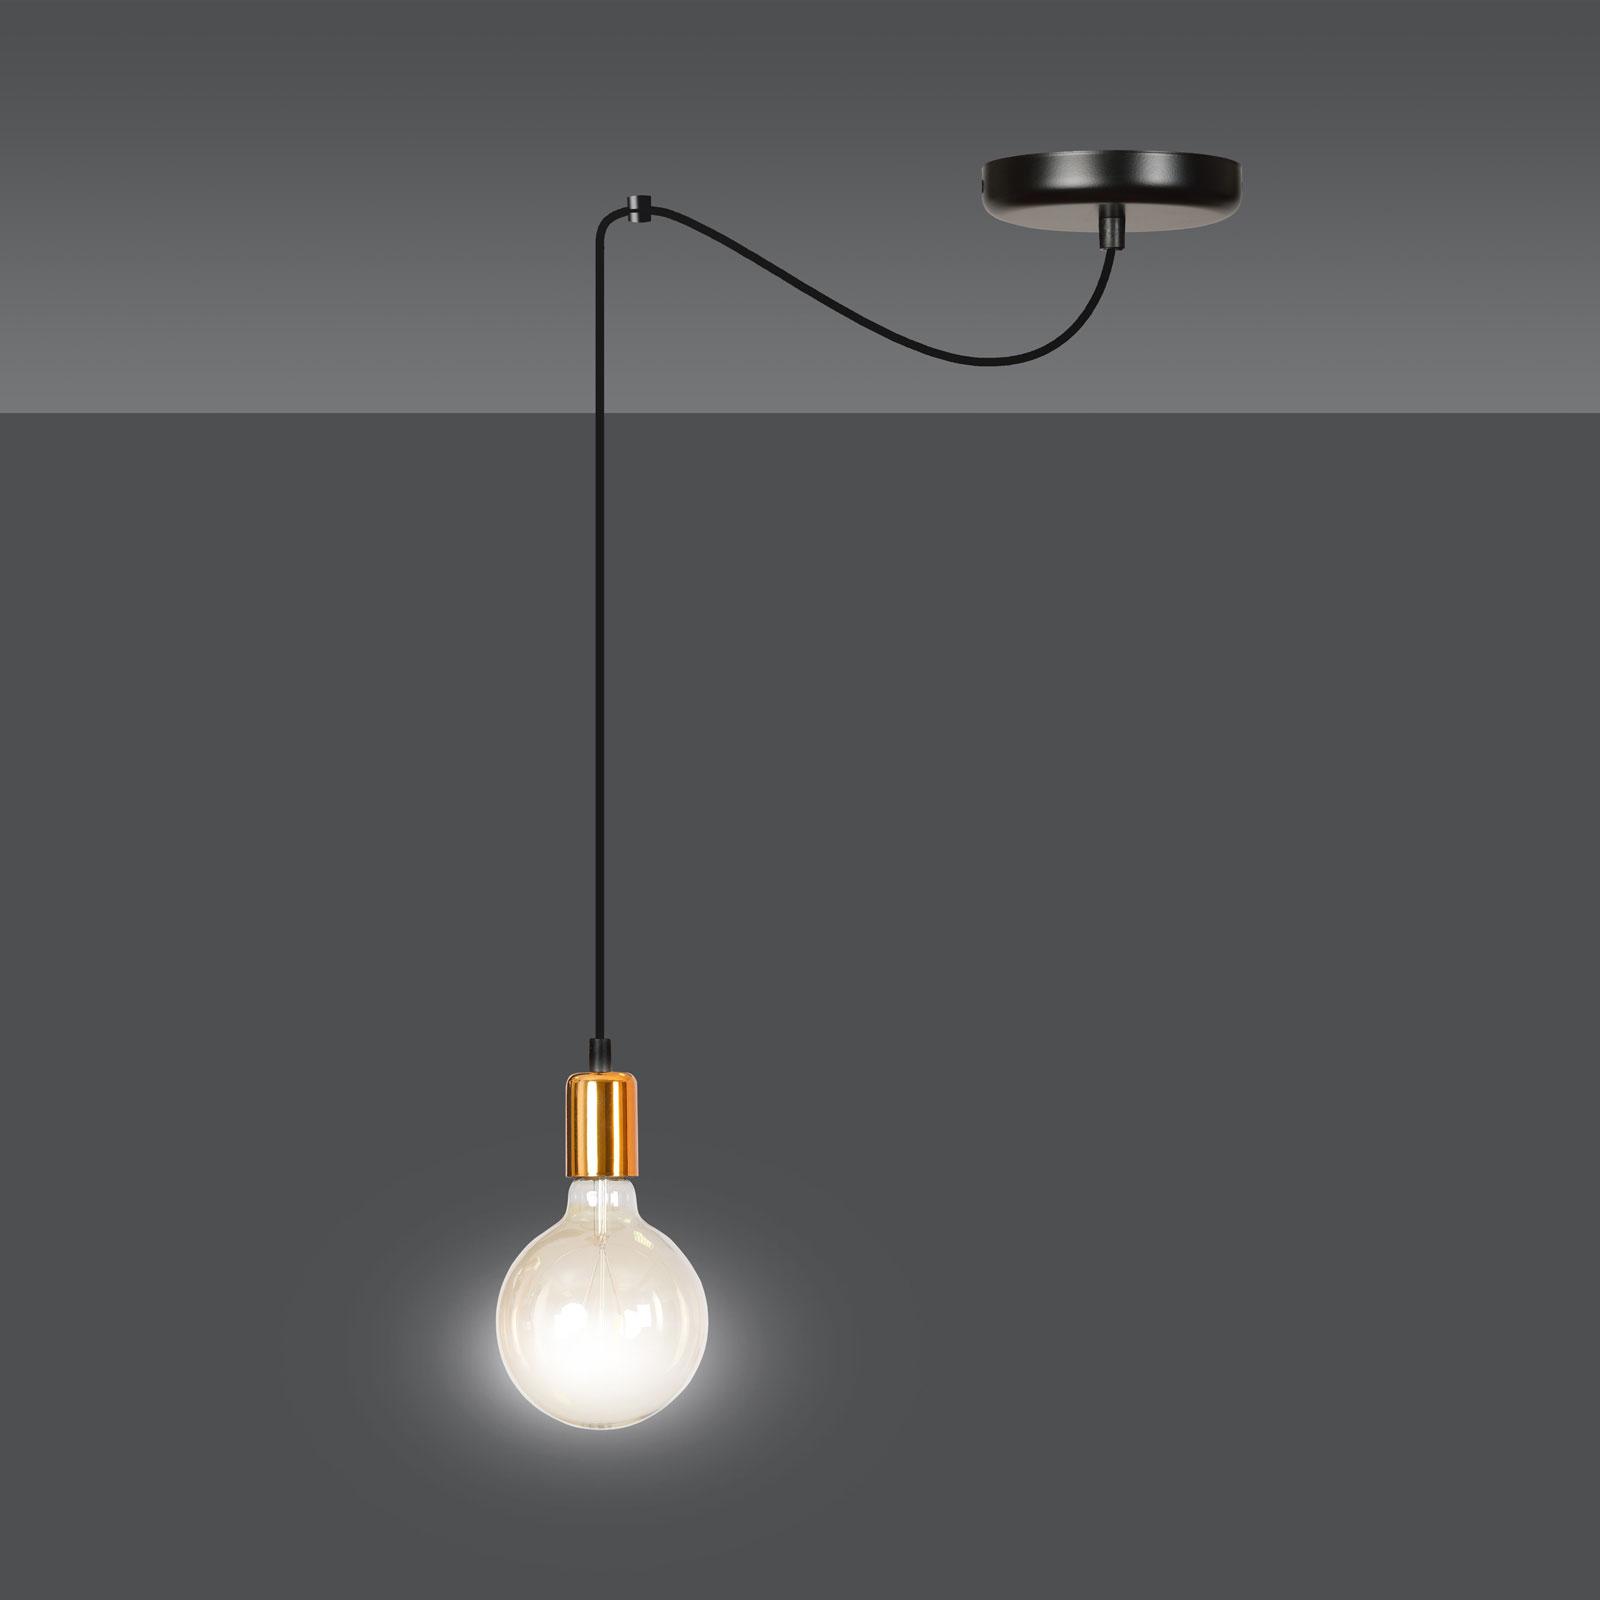 Lampa wisząca Spark 1 1-pkt., czarno-miedziana